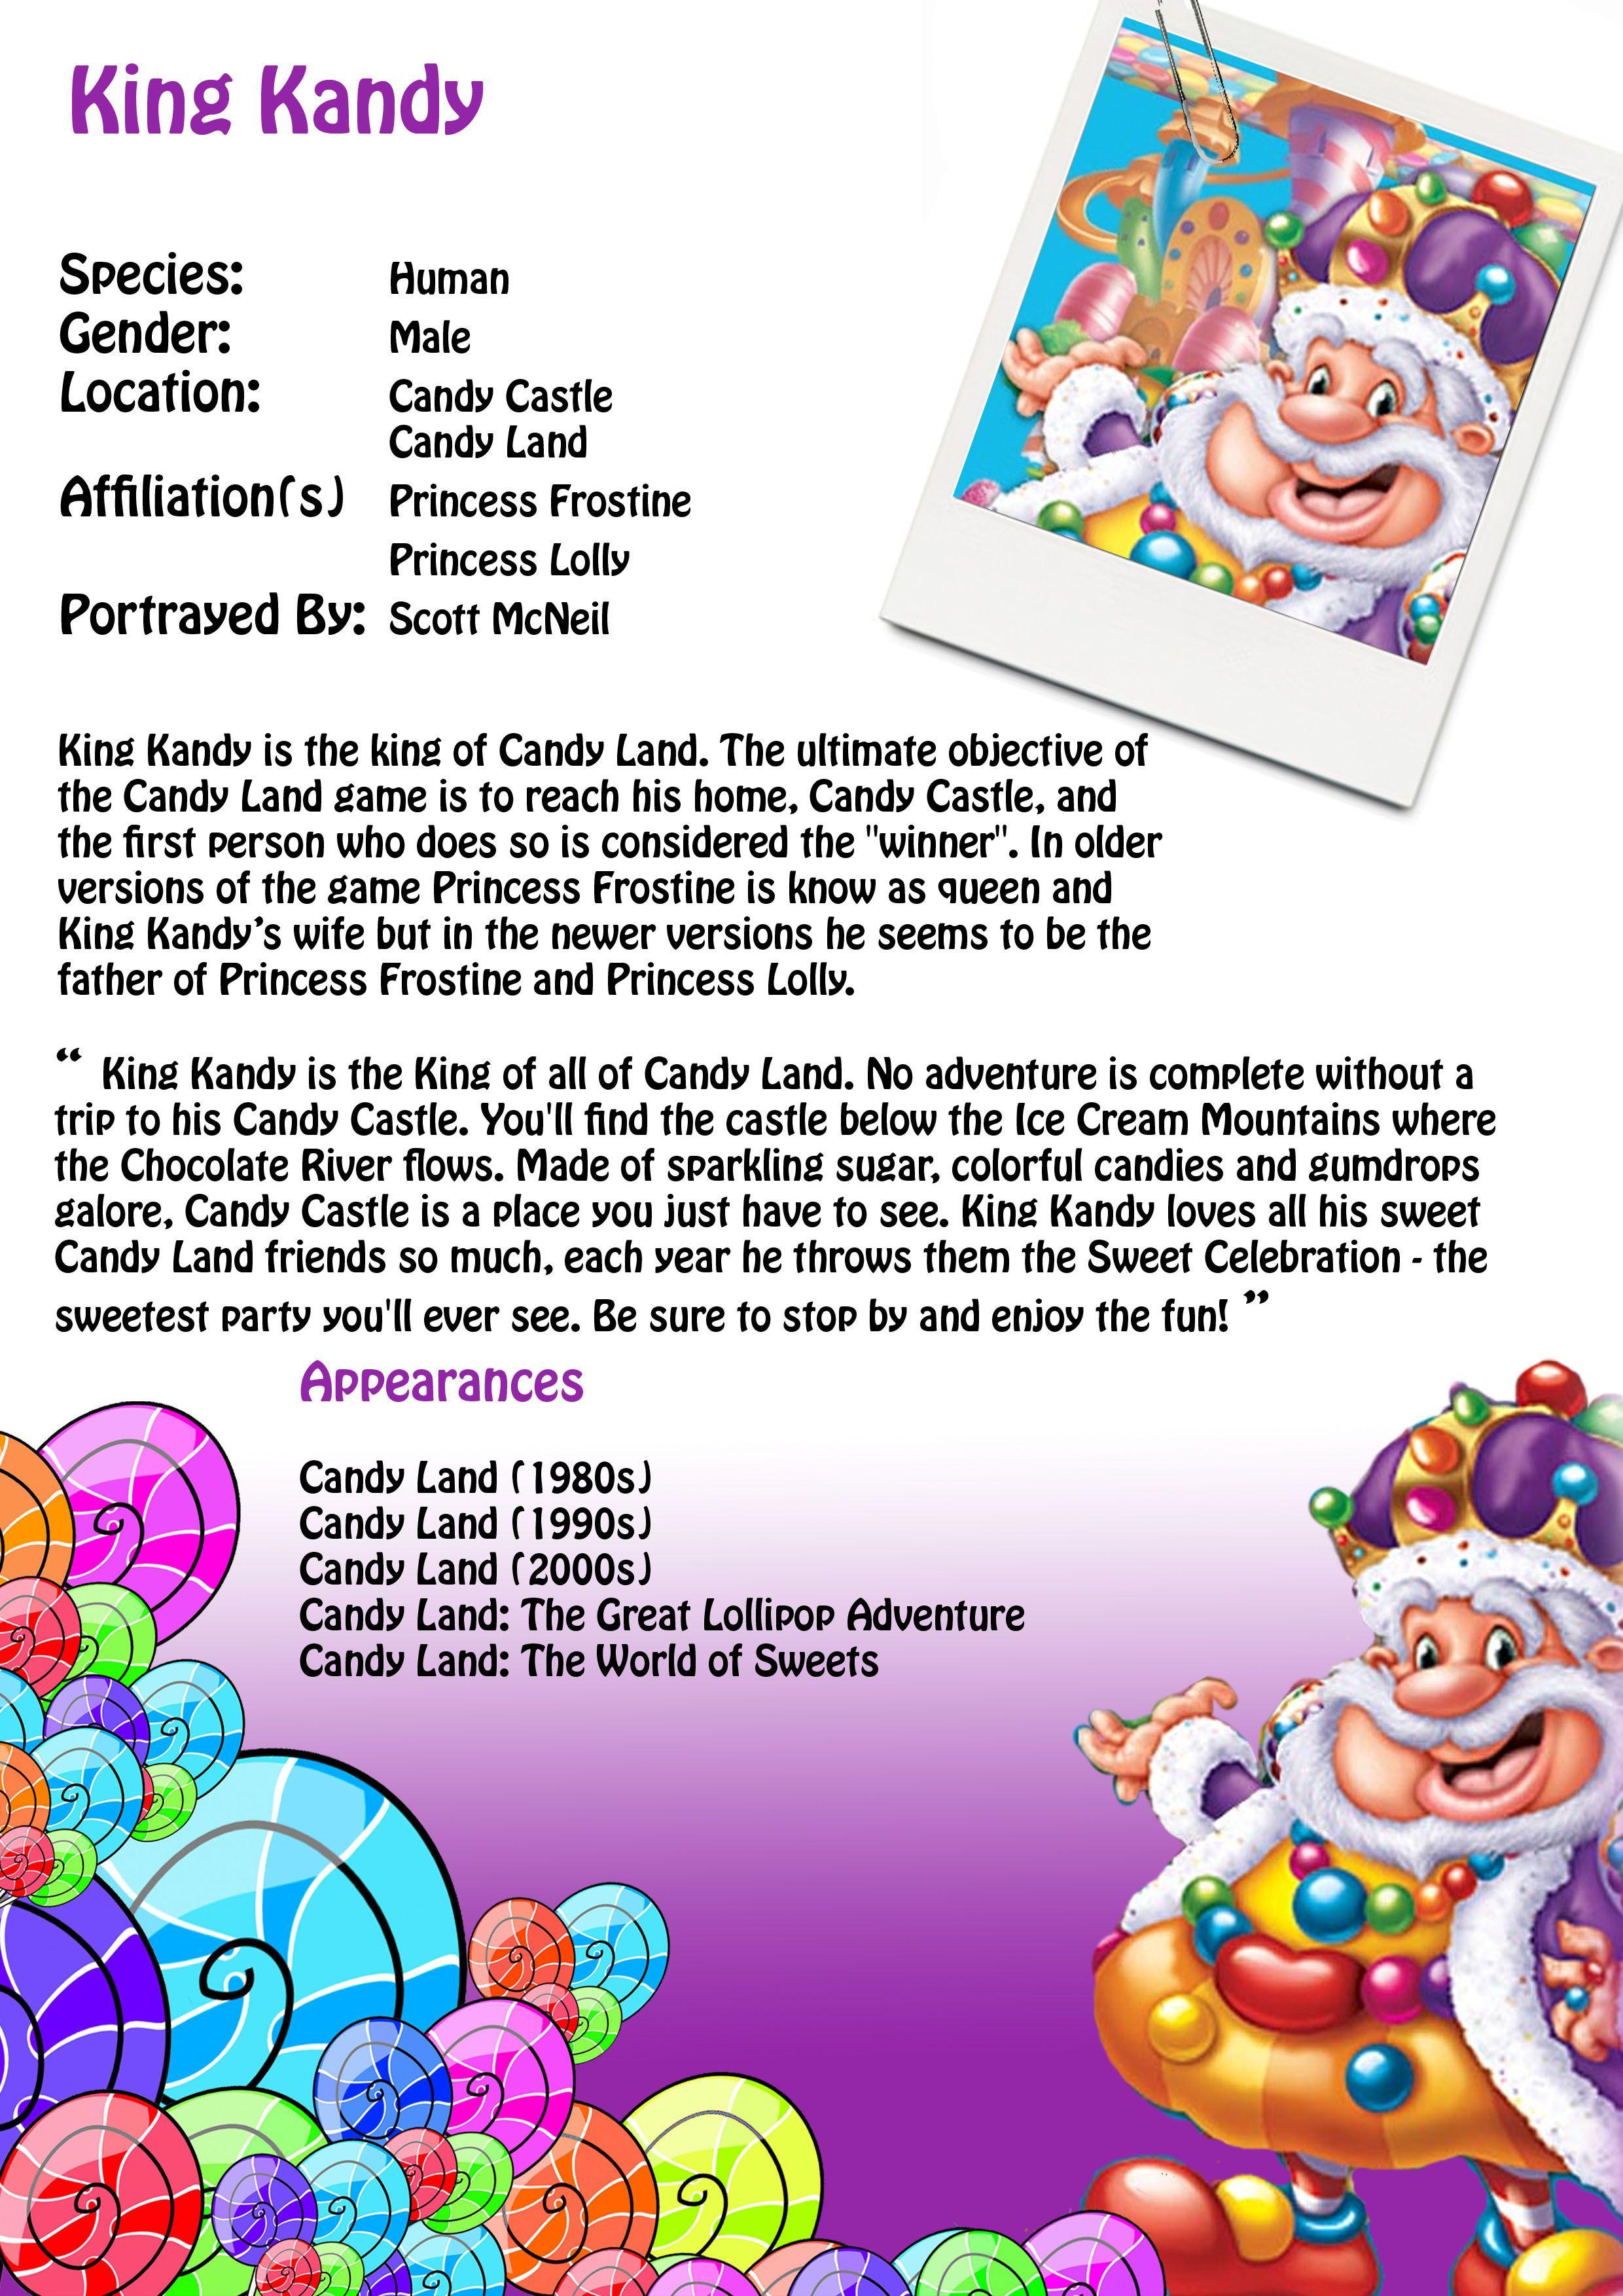 kingcandycopy.jpg 2,480×3,508 pixels Candyland, Candy